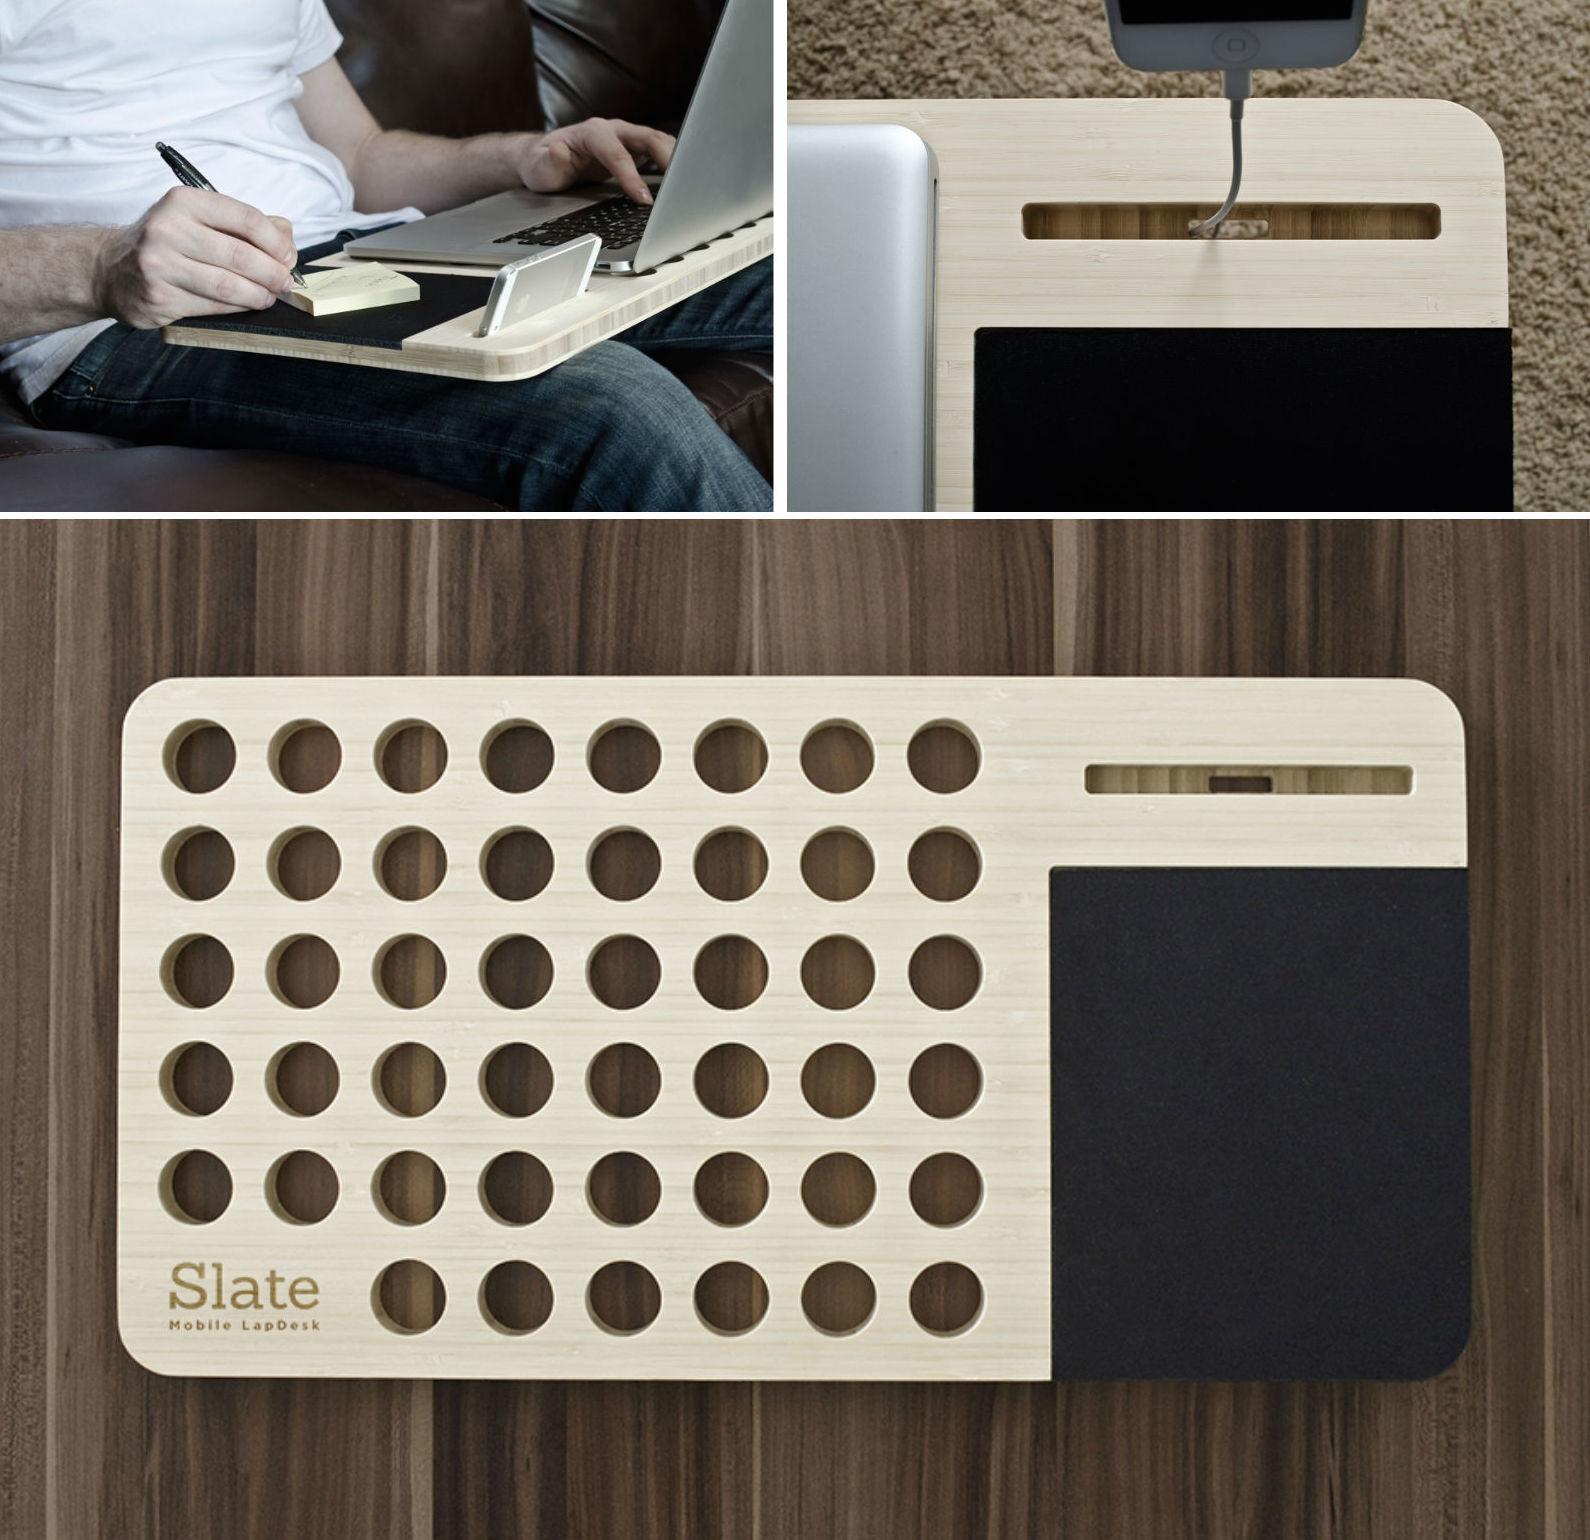 ISkelter — линейка премиальной мебели и аксессуаров для Apple - 5